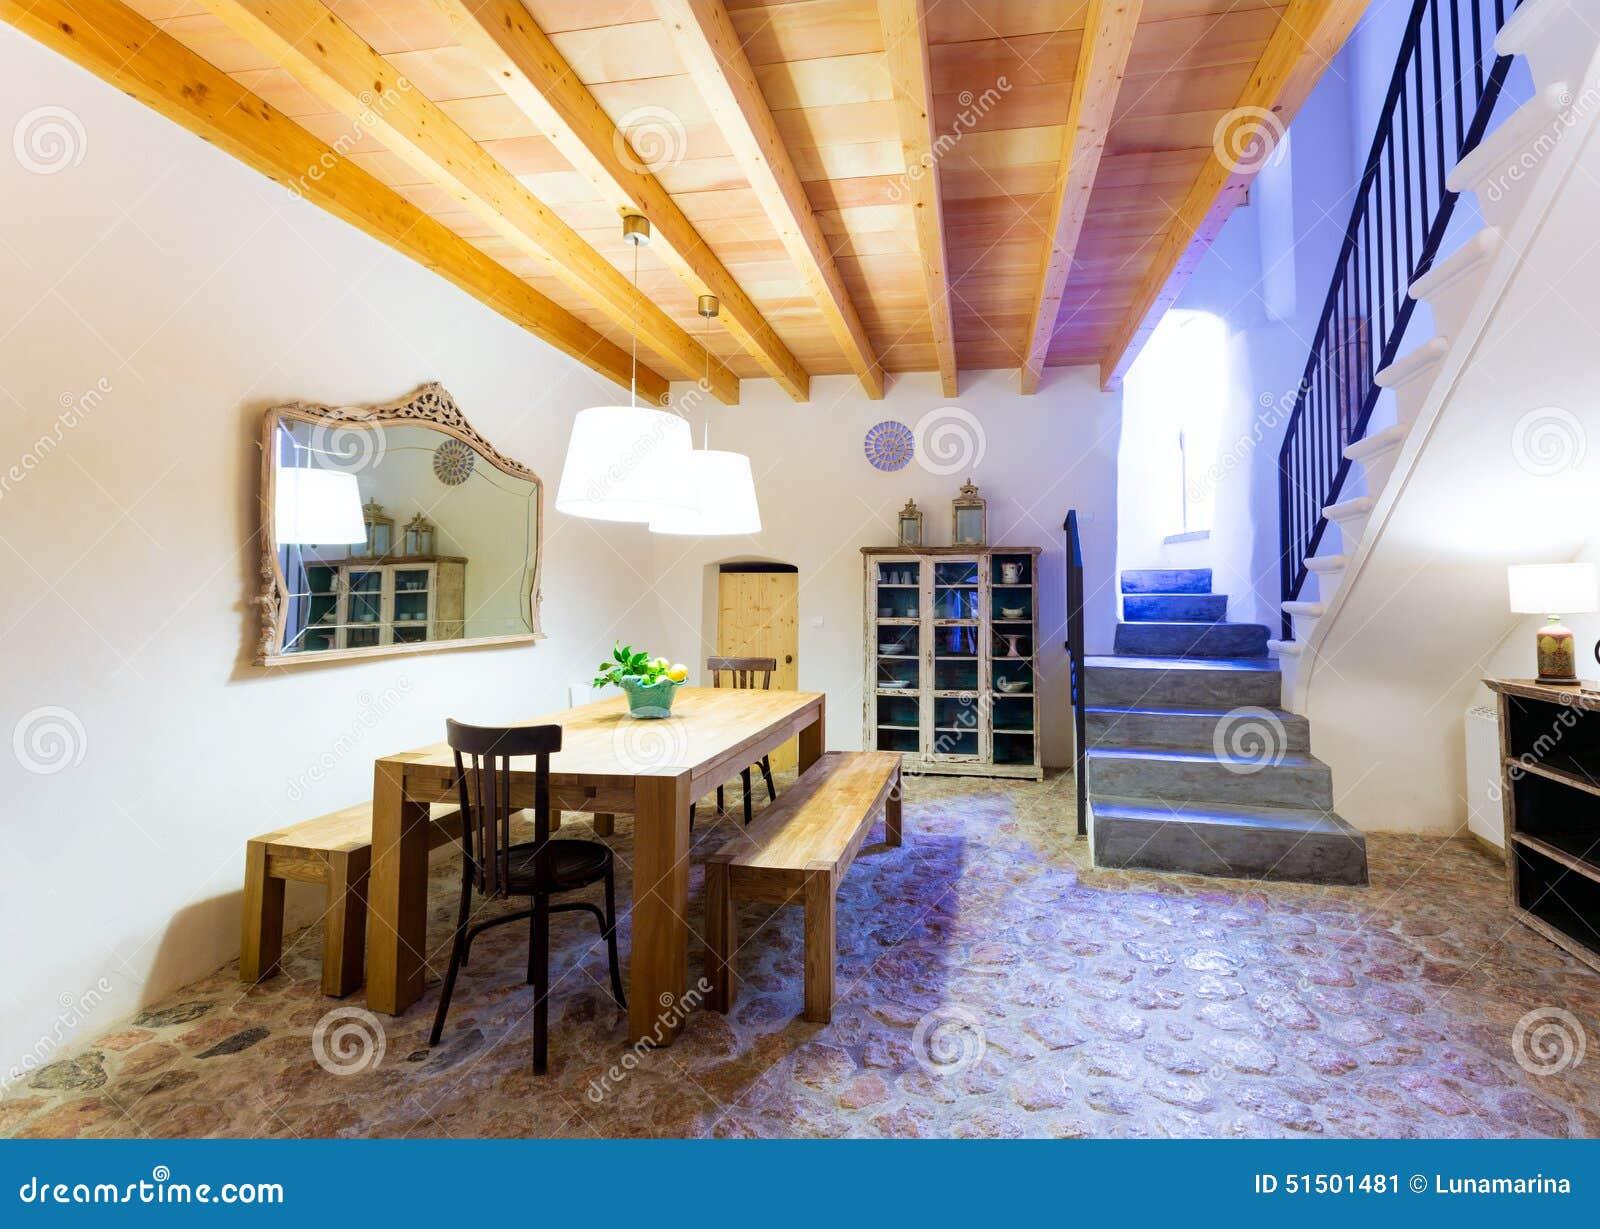 拜雷阿尔斯地中海样式的马略卡拜雷阿尔斯室内房子